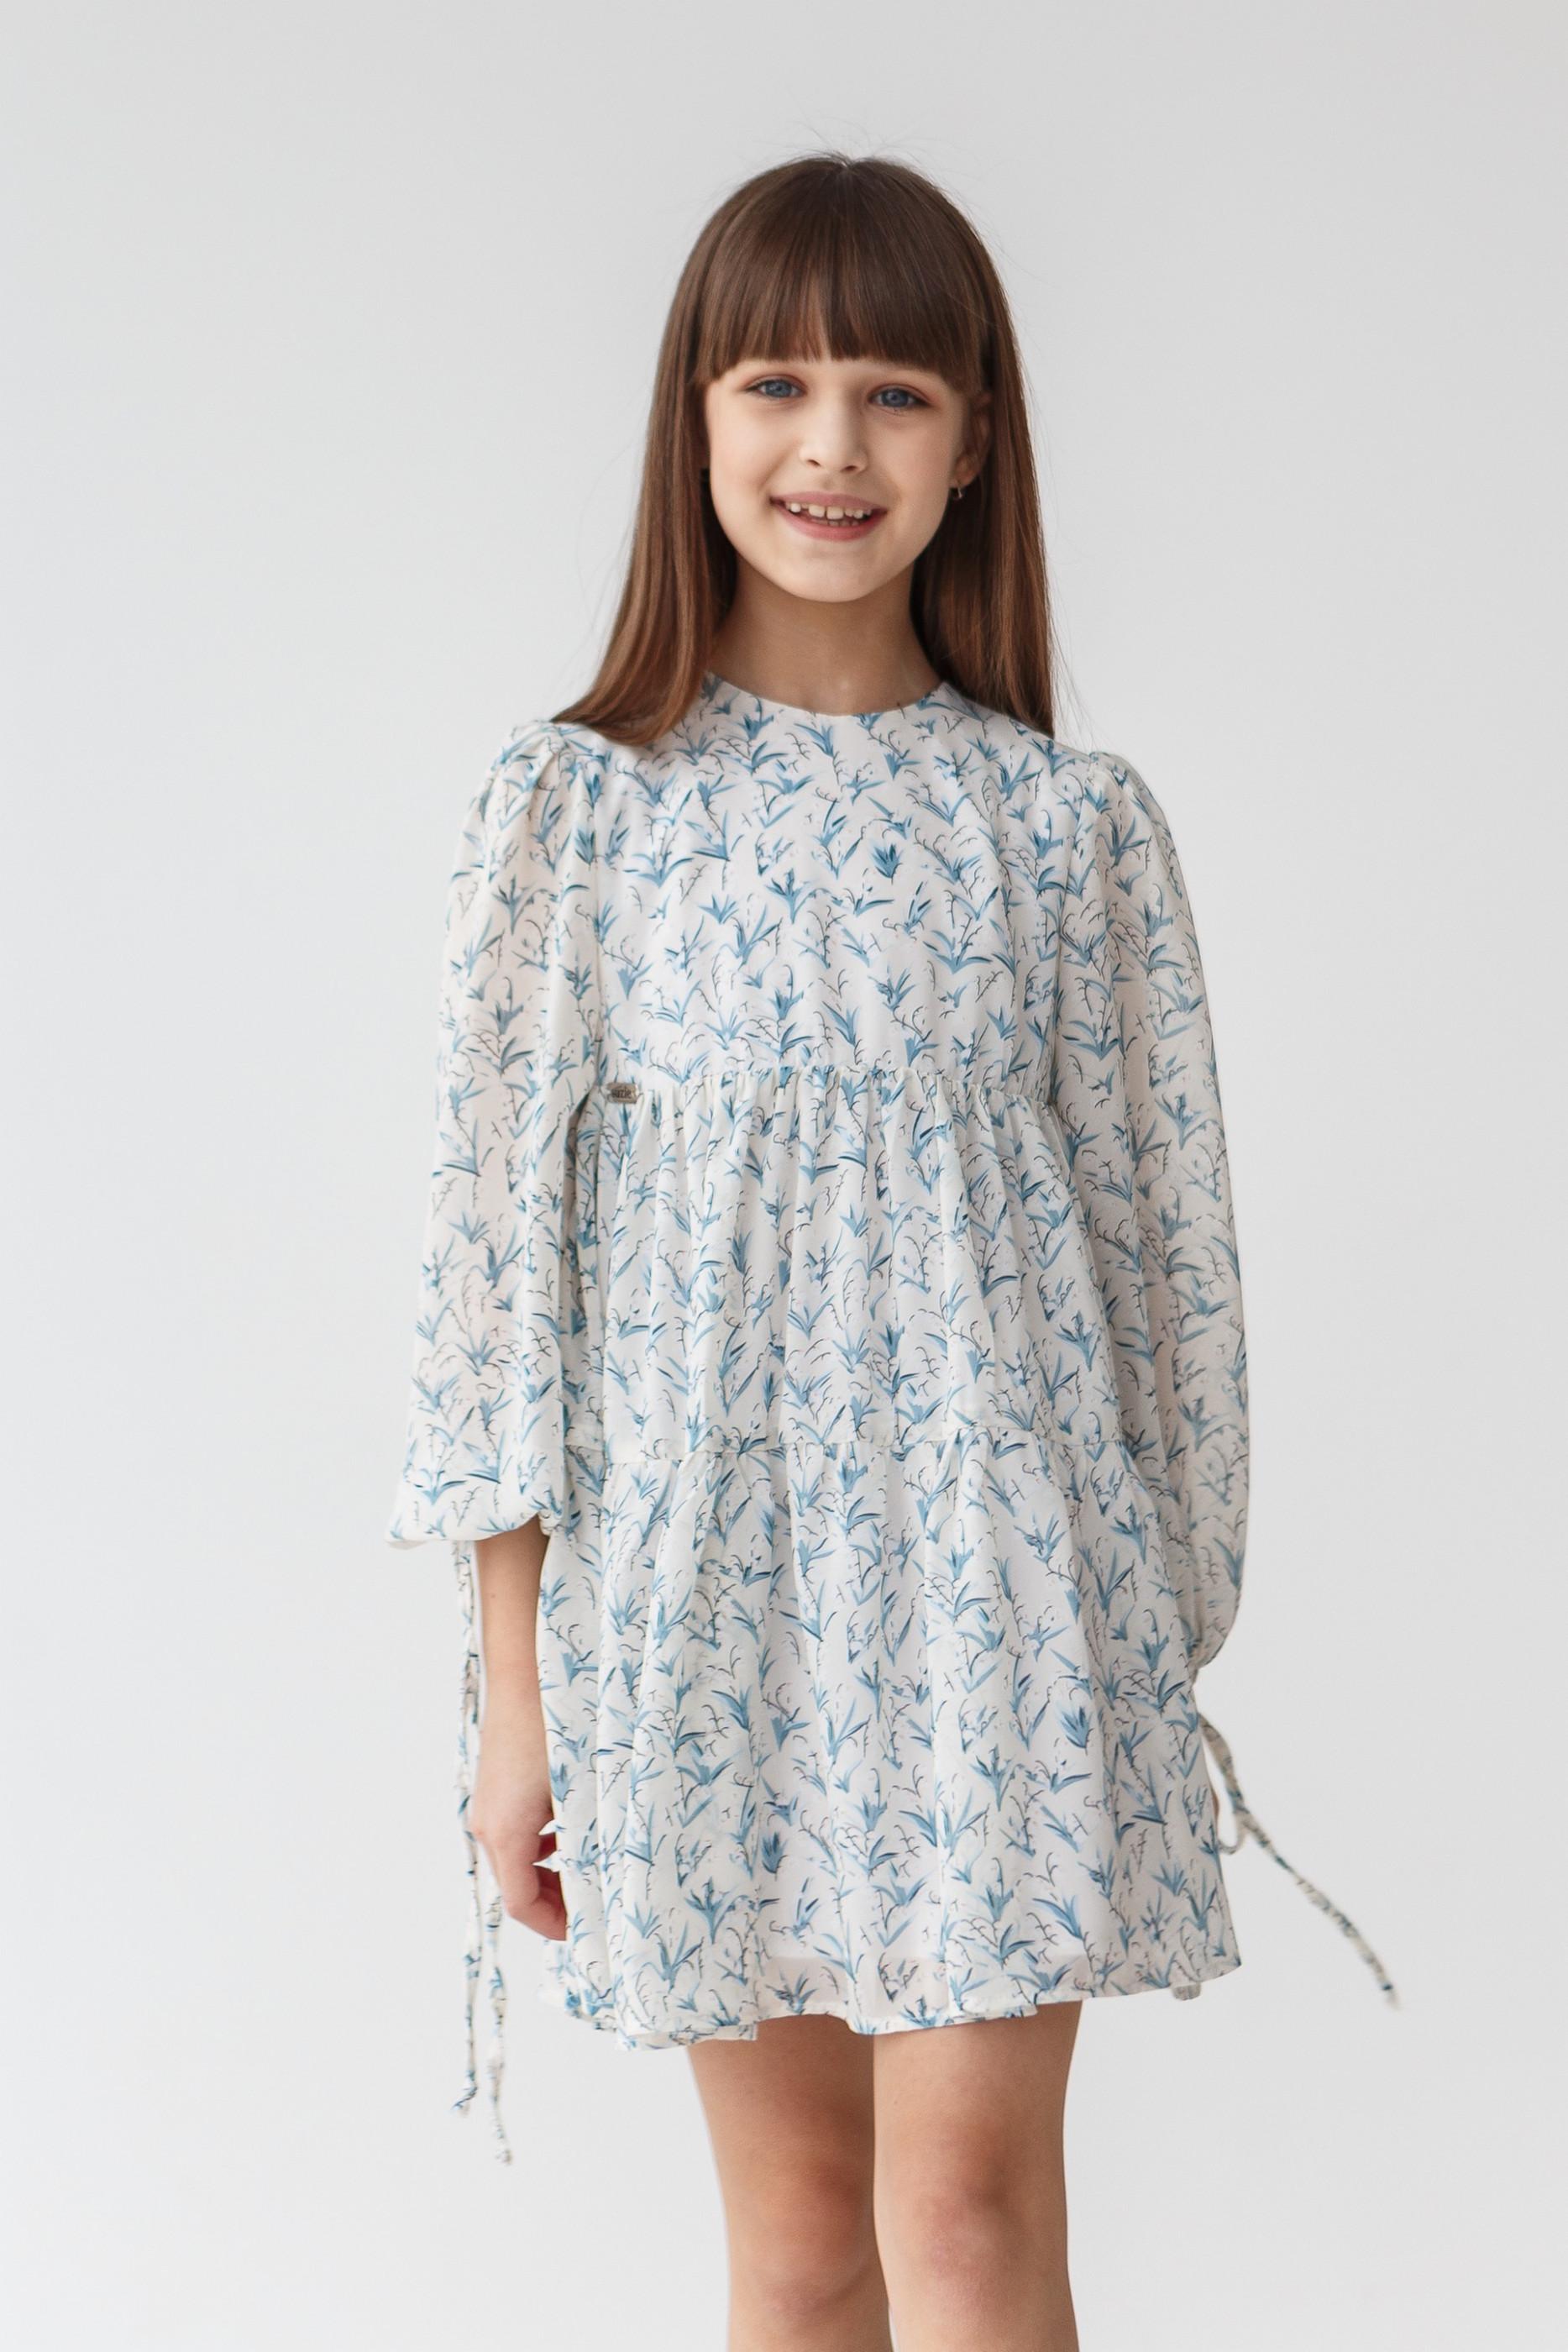 Плаття Летті, фото №1